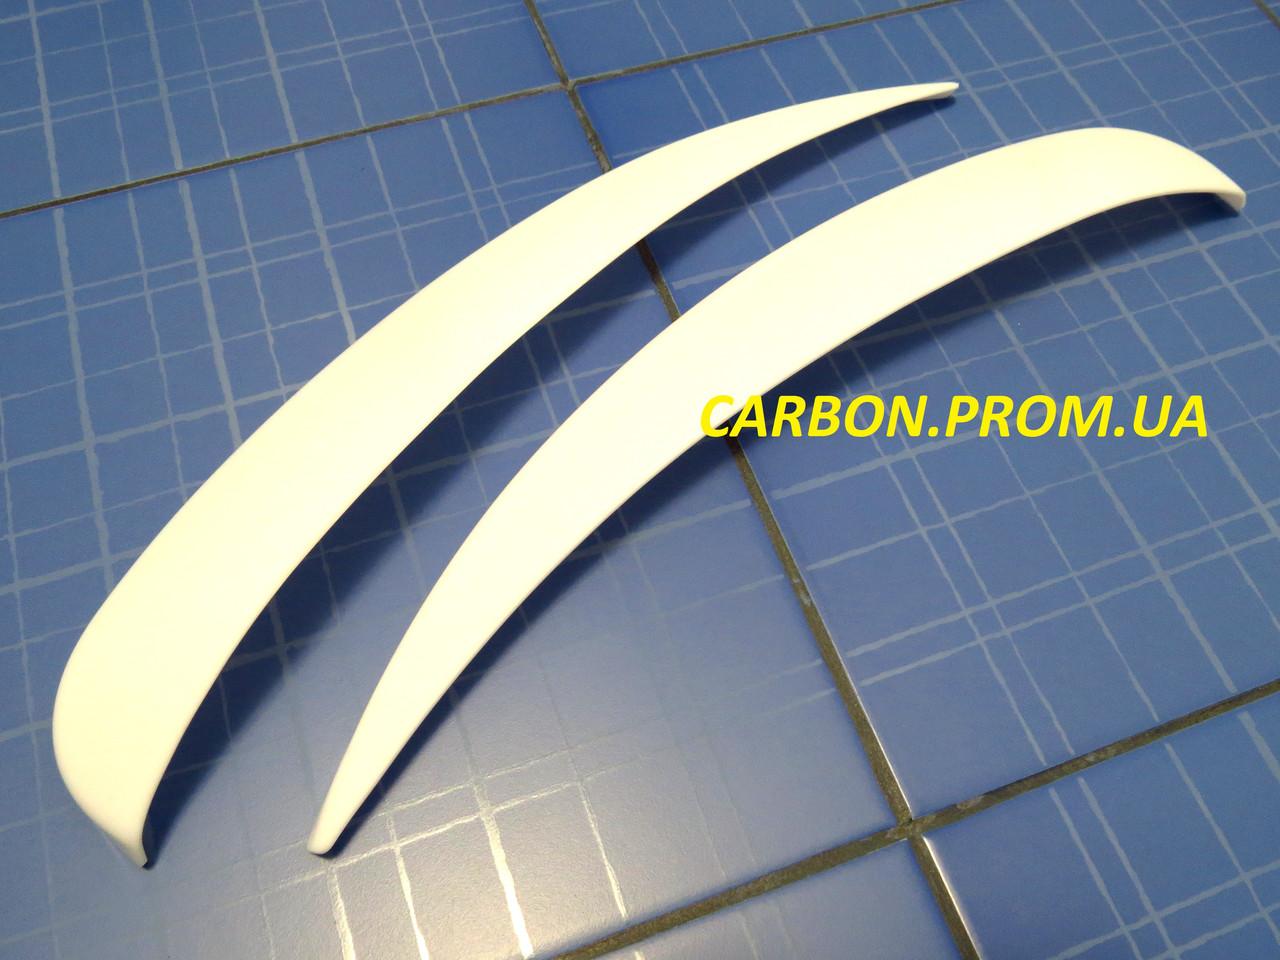 Ресницы ANV Air Газель белые тюнинговые накладки на автомобильные фары Gazel